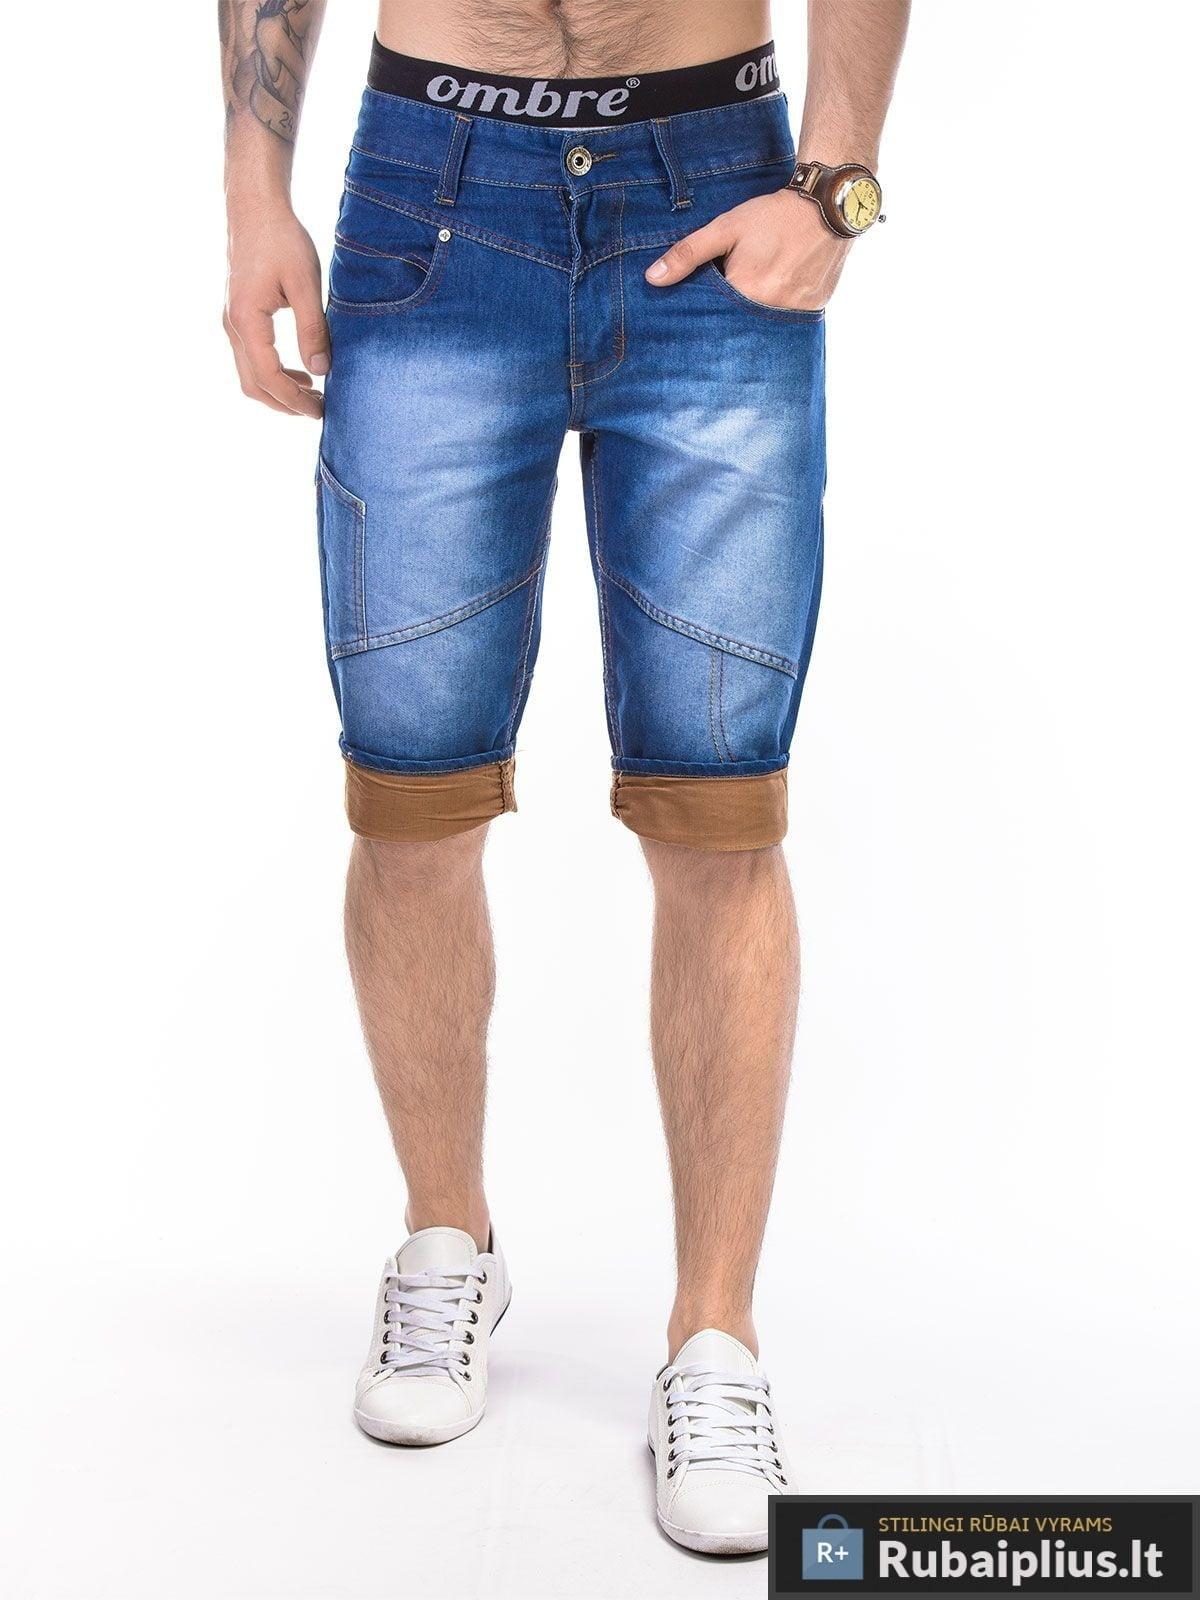 Vyriški džinsiniai šortai vyrams internetu